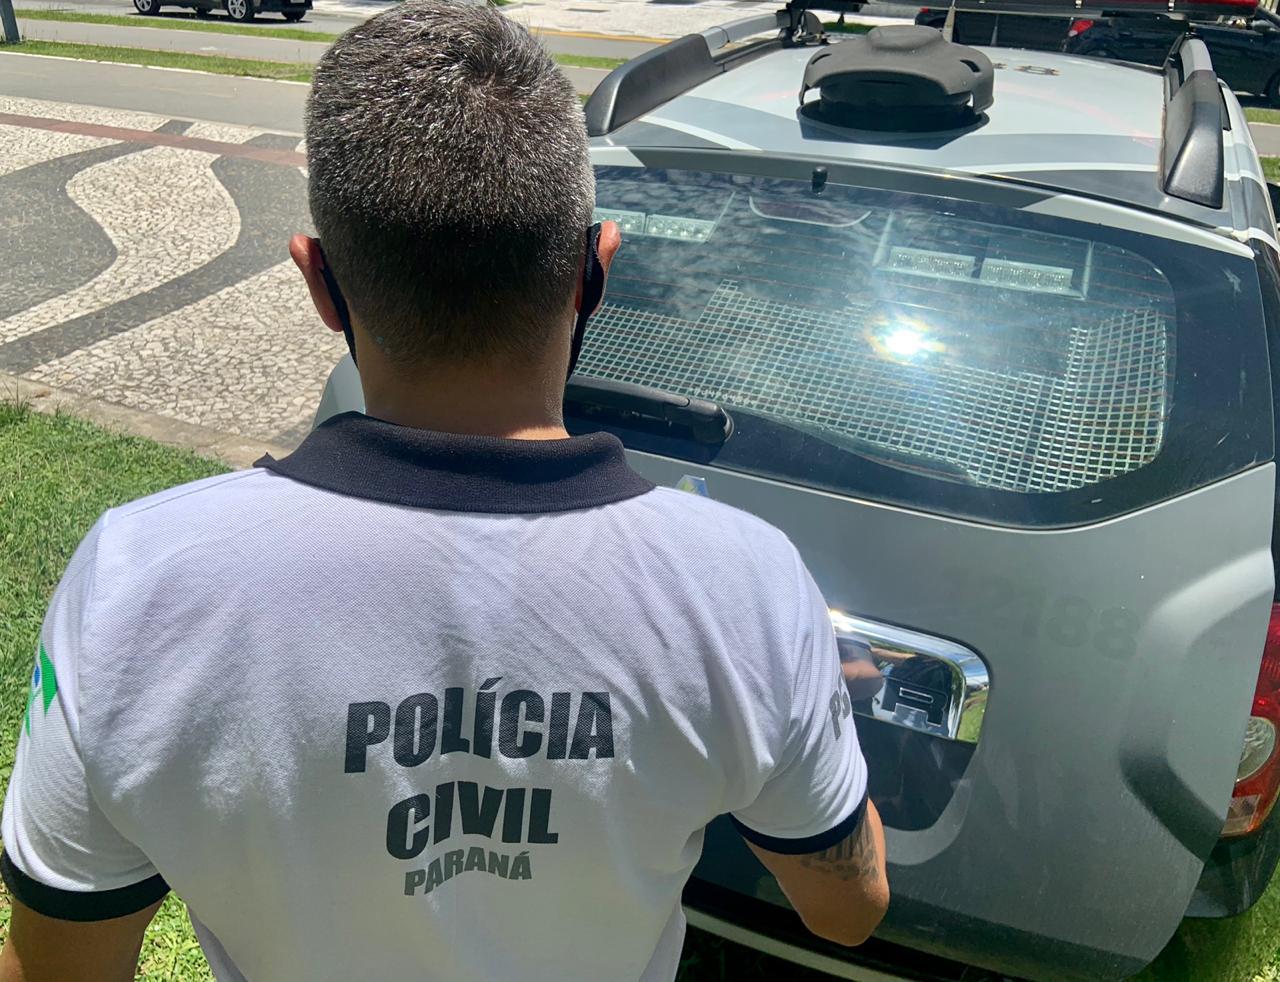 A Polícia Civil do Paraná (PCPR) prendeu em flagrante um homem, de 32 anos, por agressão contra o próprio pai, na sexta-feira (25), em Guaratuba, no Litoral do Estado. O crime ocorreu durante uma confraternização em família. O homem estava fazendo uso de álcool e, após uma discussão, agrediu o pai, um idoso de 64 anos. A vítima imediatamente procurou a PCPR, ele apresentava visíveis lesões nos lábios. Os policiais civis que estão atuando no Verão Consciente foram até a casa, onde a vítima mora com o filho, e prenderam o agressor em flagrante. O idoso relatou aos policiais civis que é agredido pelo filho sempre que o mesmo faz uso de álcool. O suspeito foi autuado por lesão corporal e violência doméstica.